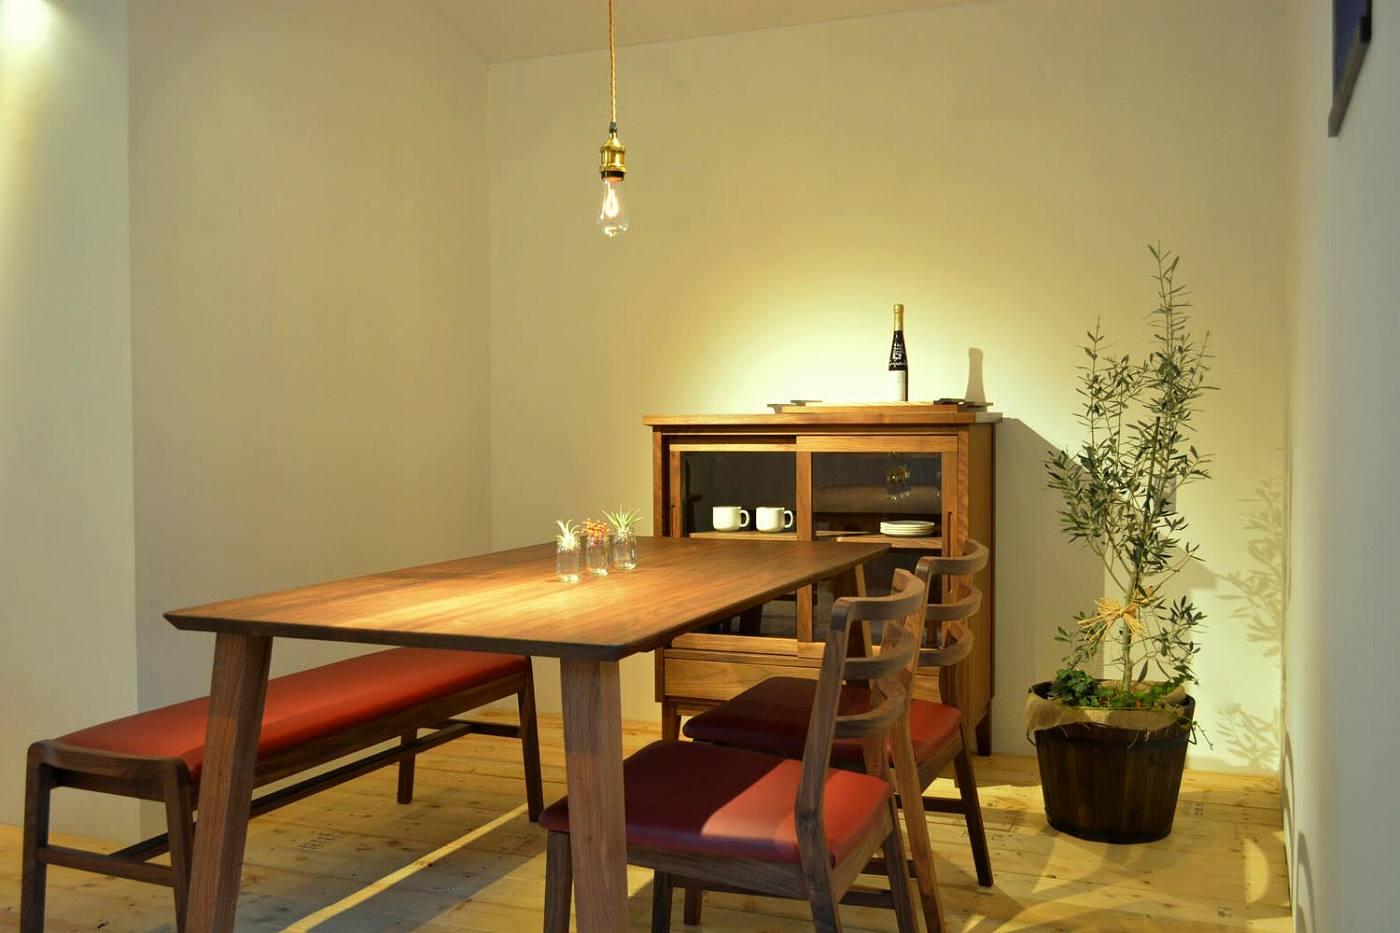 気になるコーディネートシーン画像(ナチュラルモダンダイニング374|Block Atelier furniture(ブロックアトリエファニチャー))